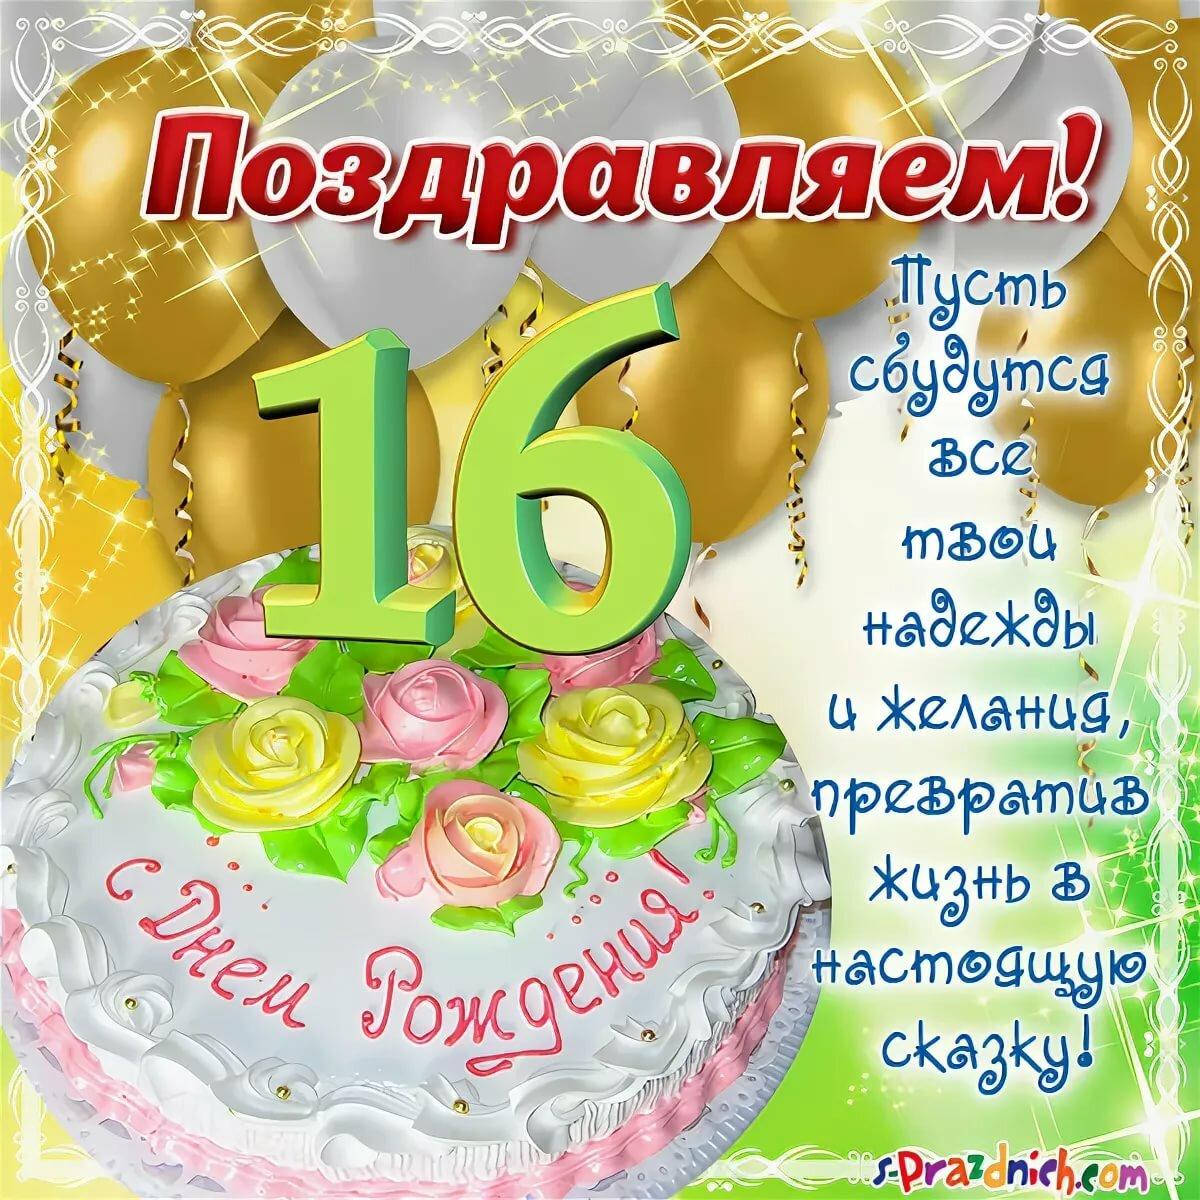 Поздравления с днем рождения сына с 16 летием от родителей